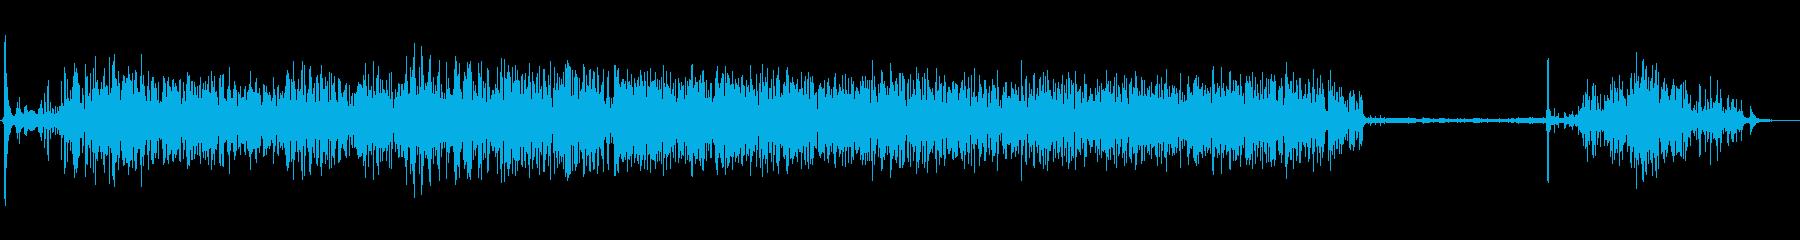 ドレンニング:ウォーターゴーイング...の再生済みの波形